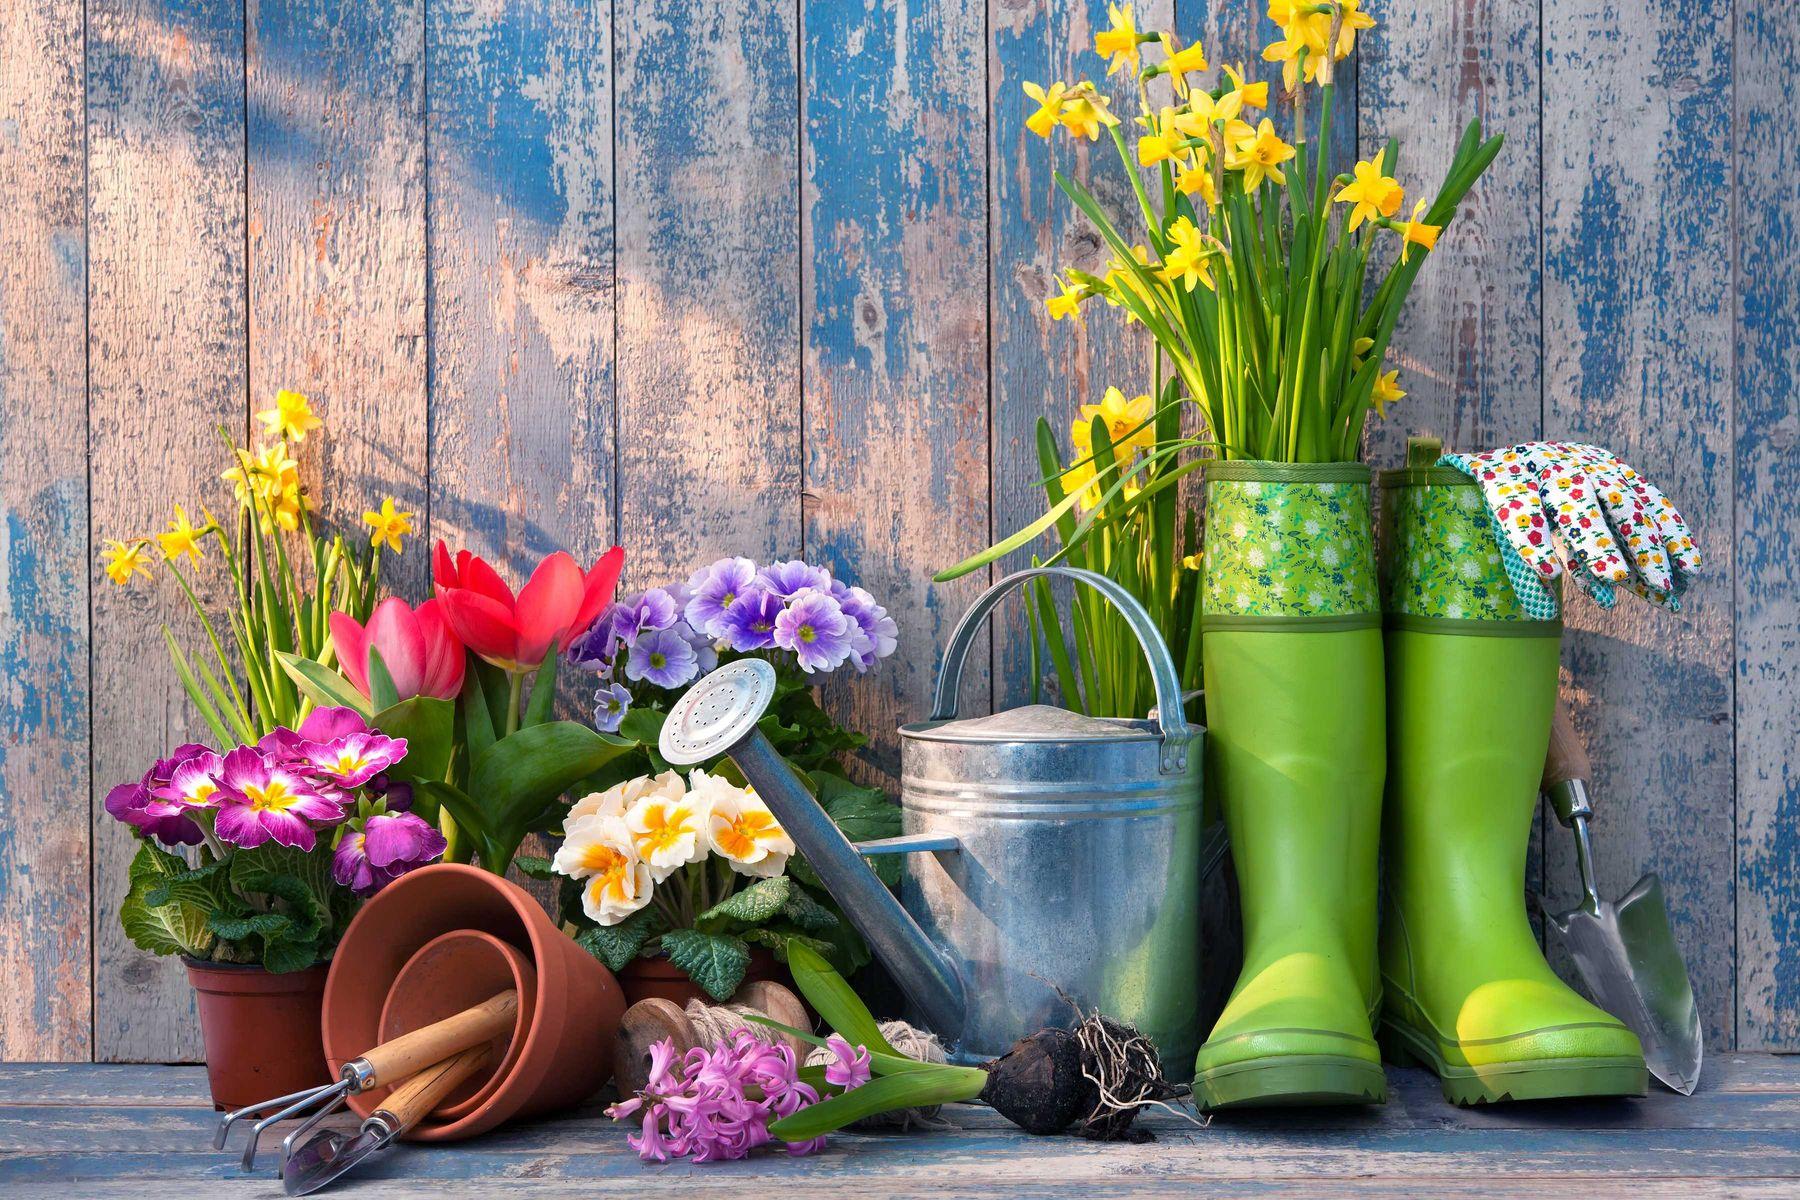 5-tipos-de-plantas-para-jardim-resistentes-ao-sol